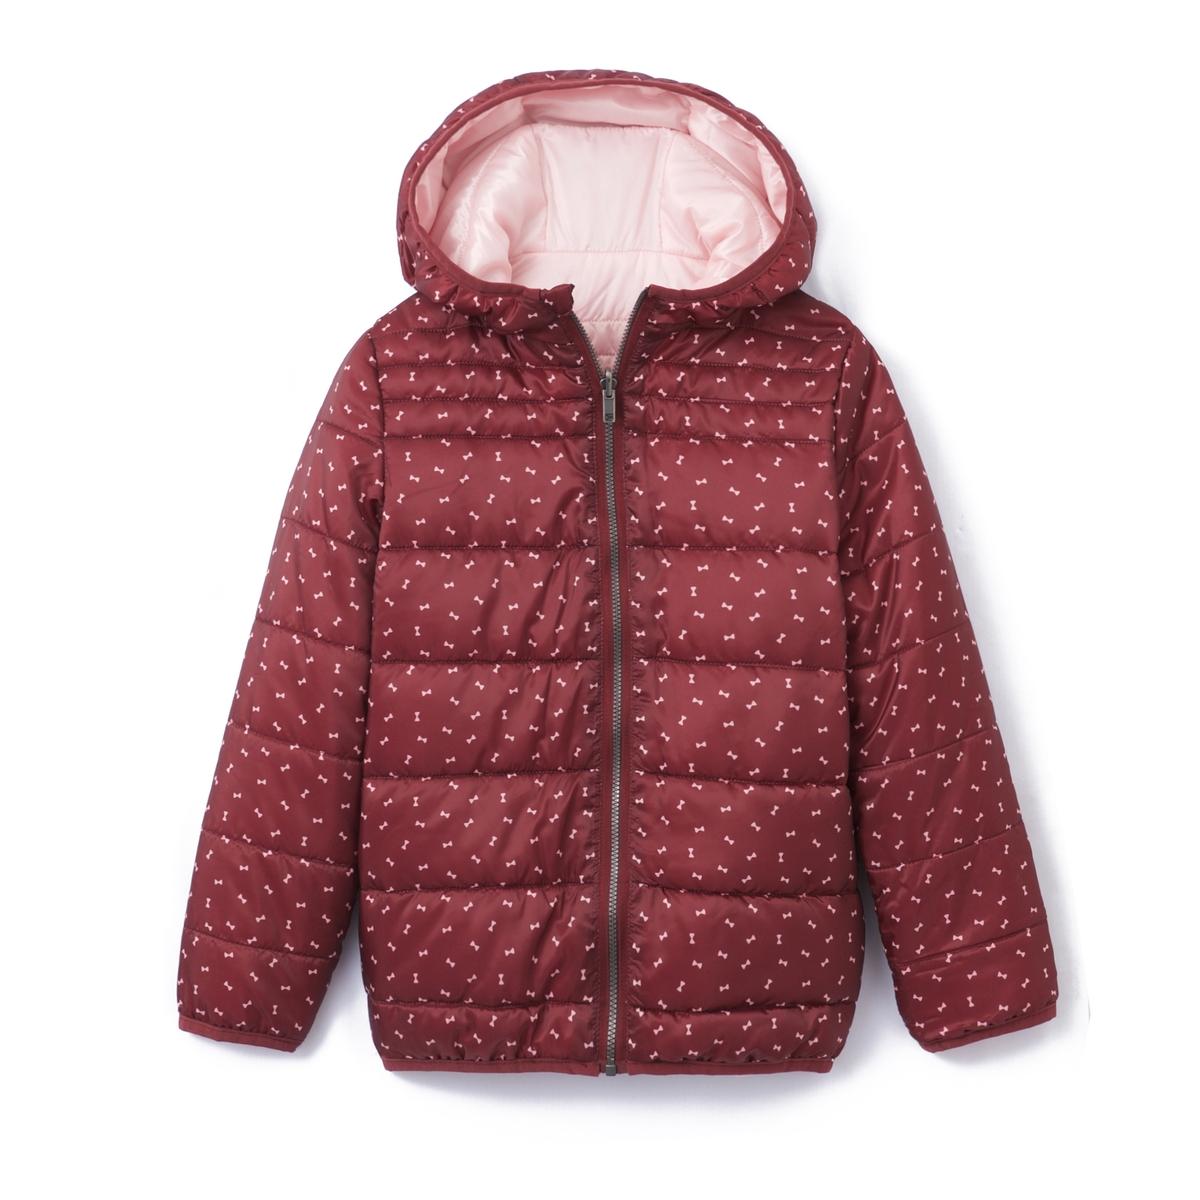 Куртка стеганая двусторонняя с капюшоном, 3-12 летСостав и описание :    Материал         100% полиэстер Наполнитель    100% полиэстер  Уход : Машинная стирка при 30 °C с вещами схожих цветов. Машинная сушка запрещена. Не гладить.<br><br>Цвет: розовый/рисунок